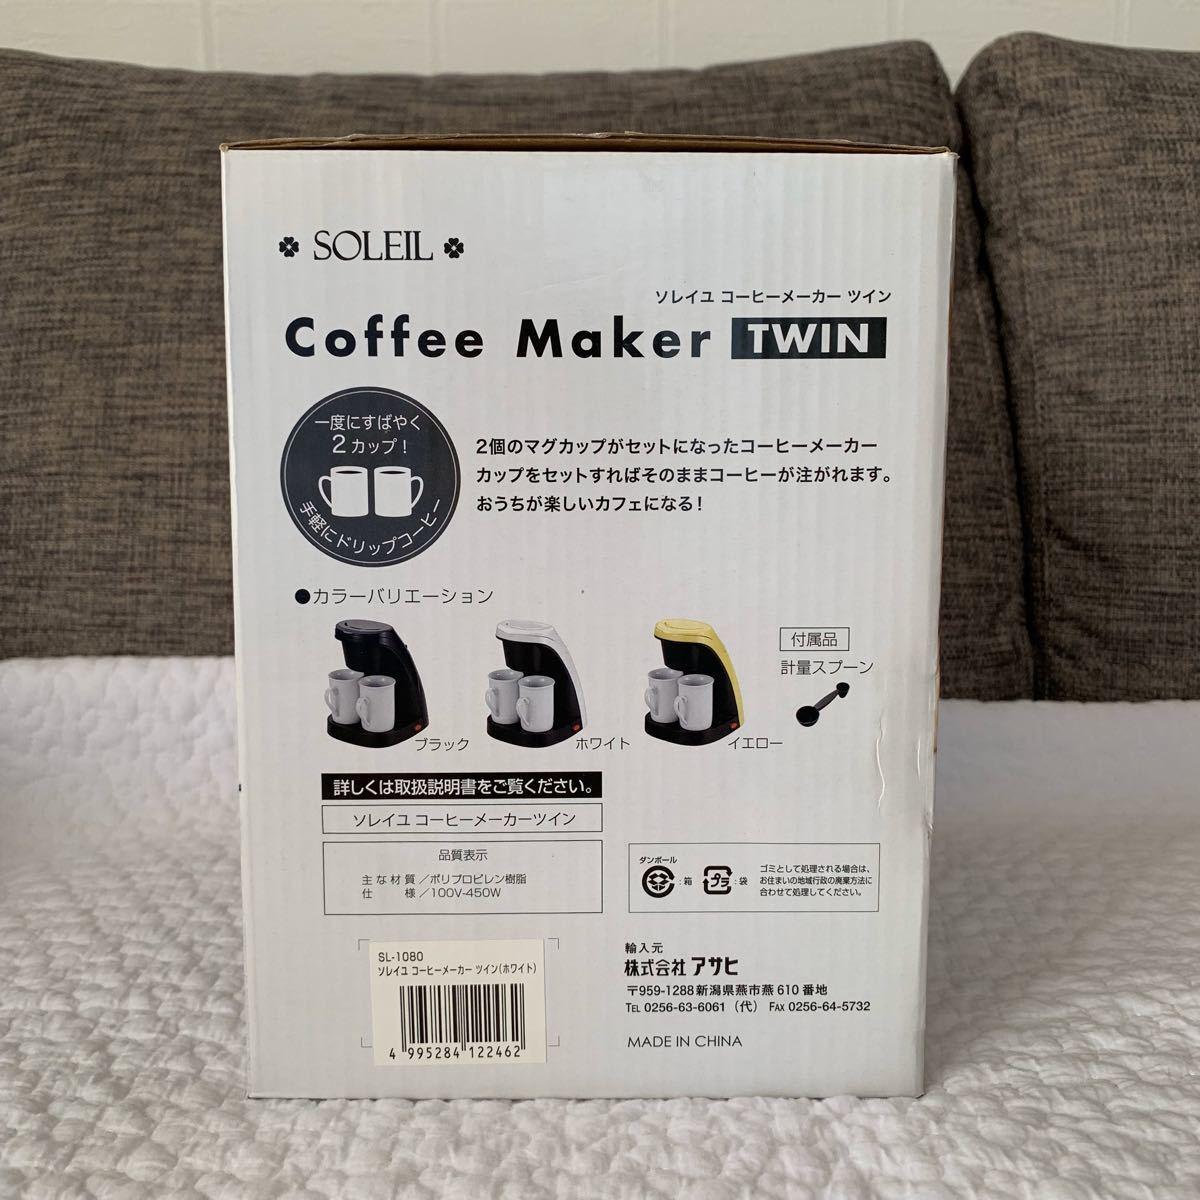 セール!!ソレイユ コーヒーメーカー ツイン